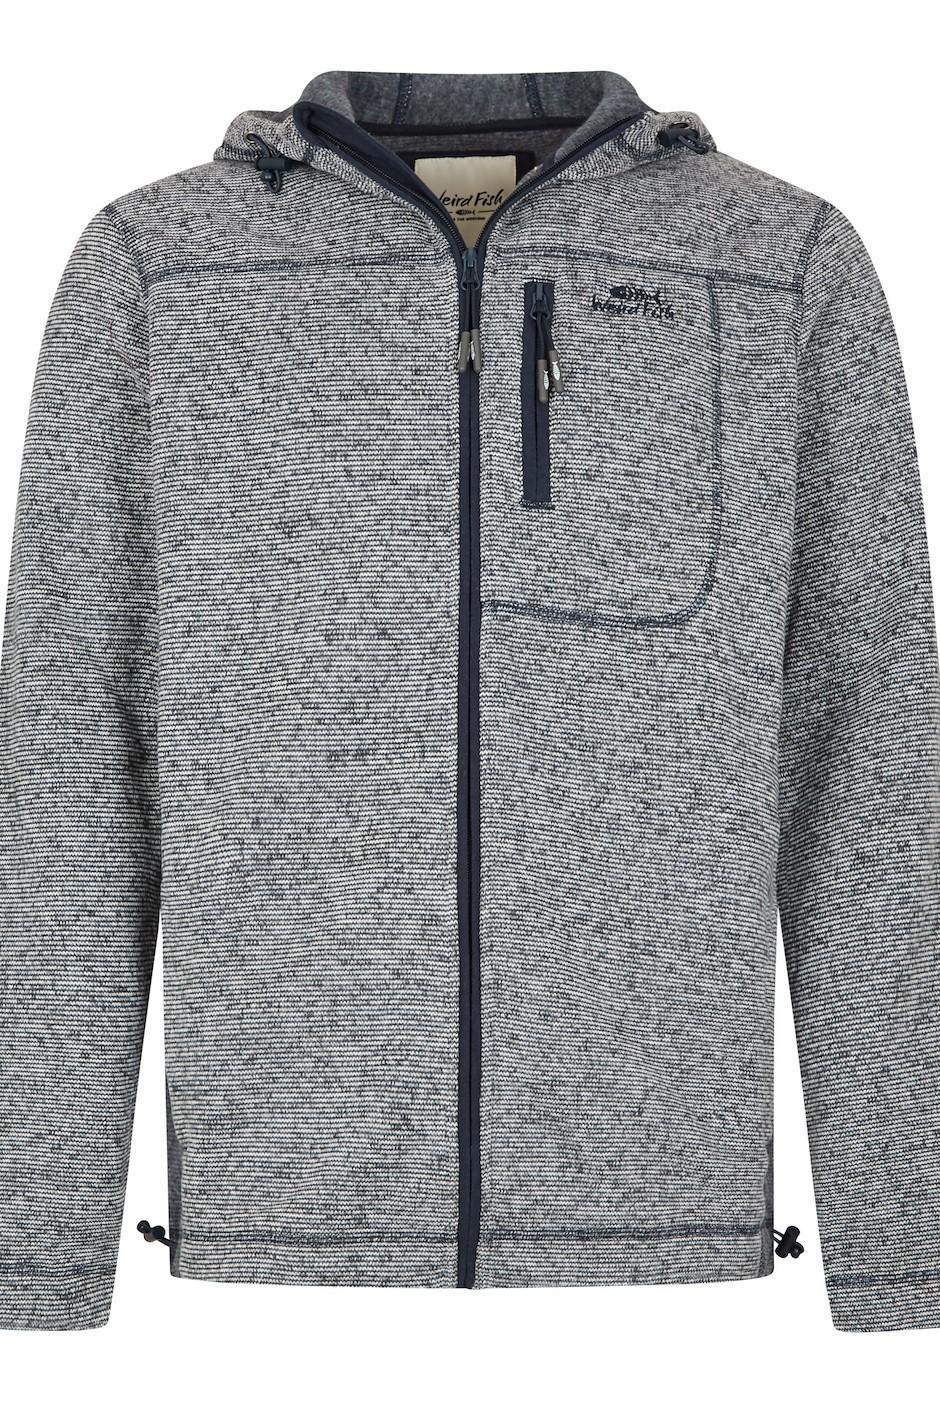 Cahill Full Zip Melange Fleece Navy